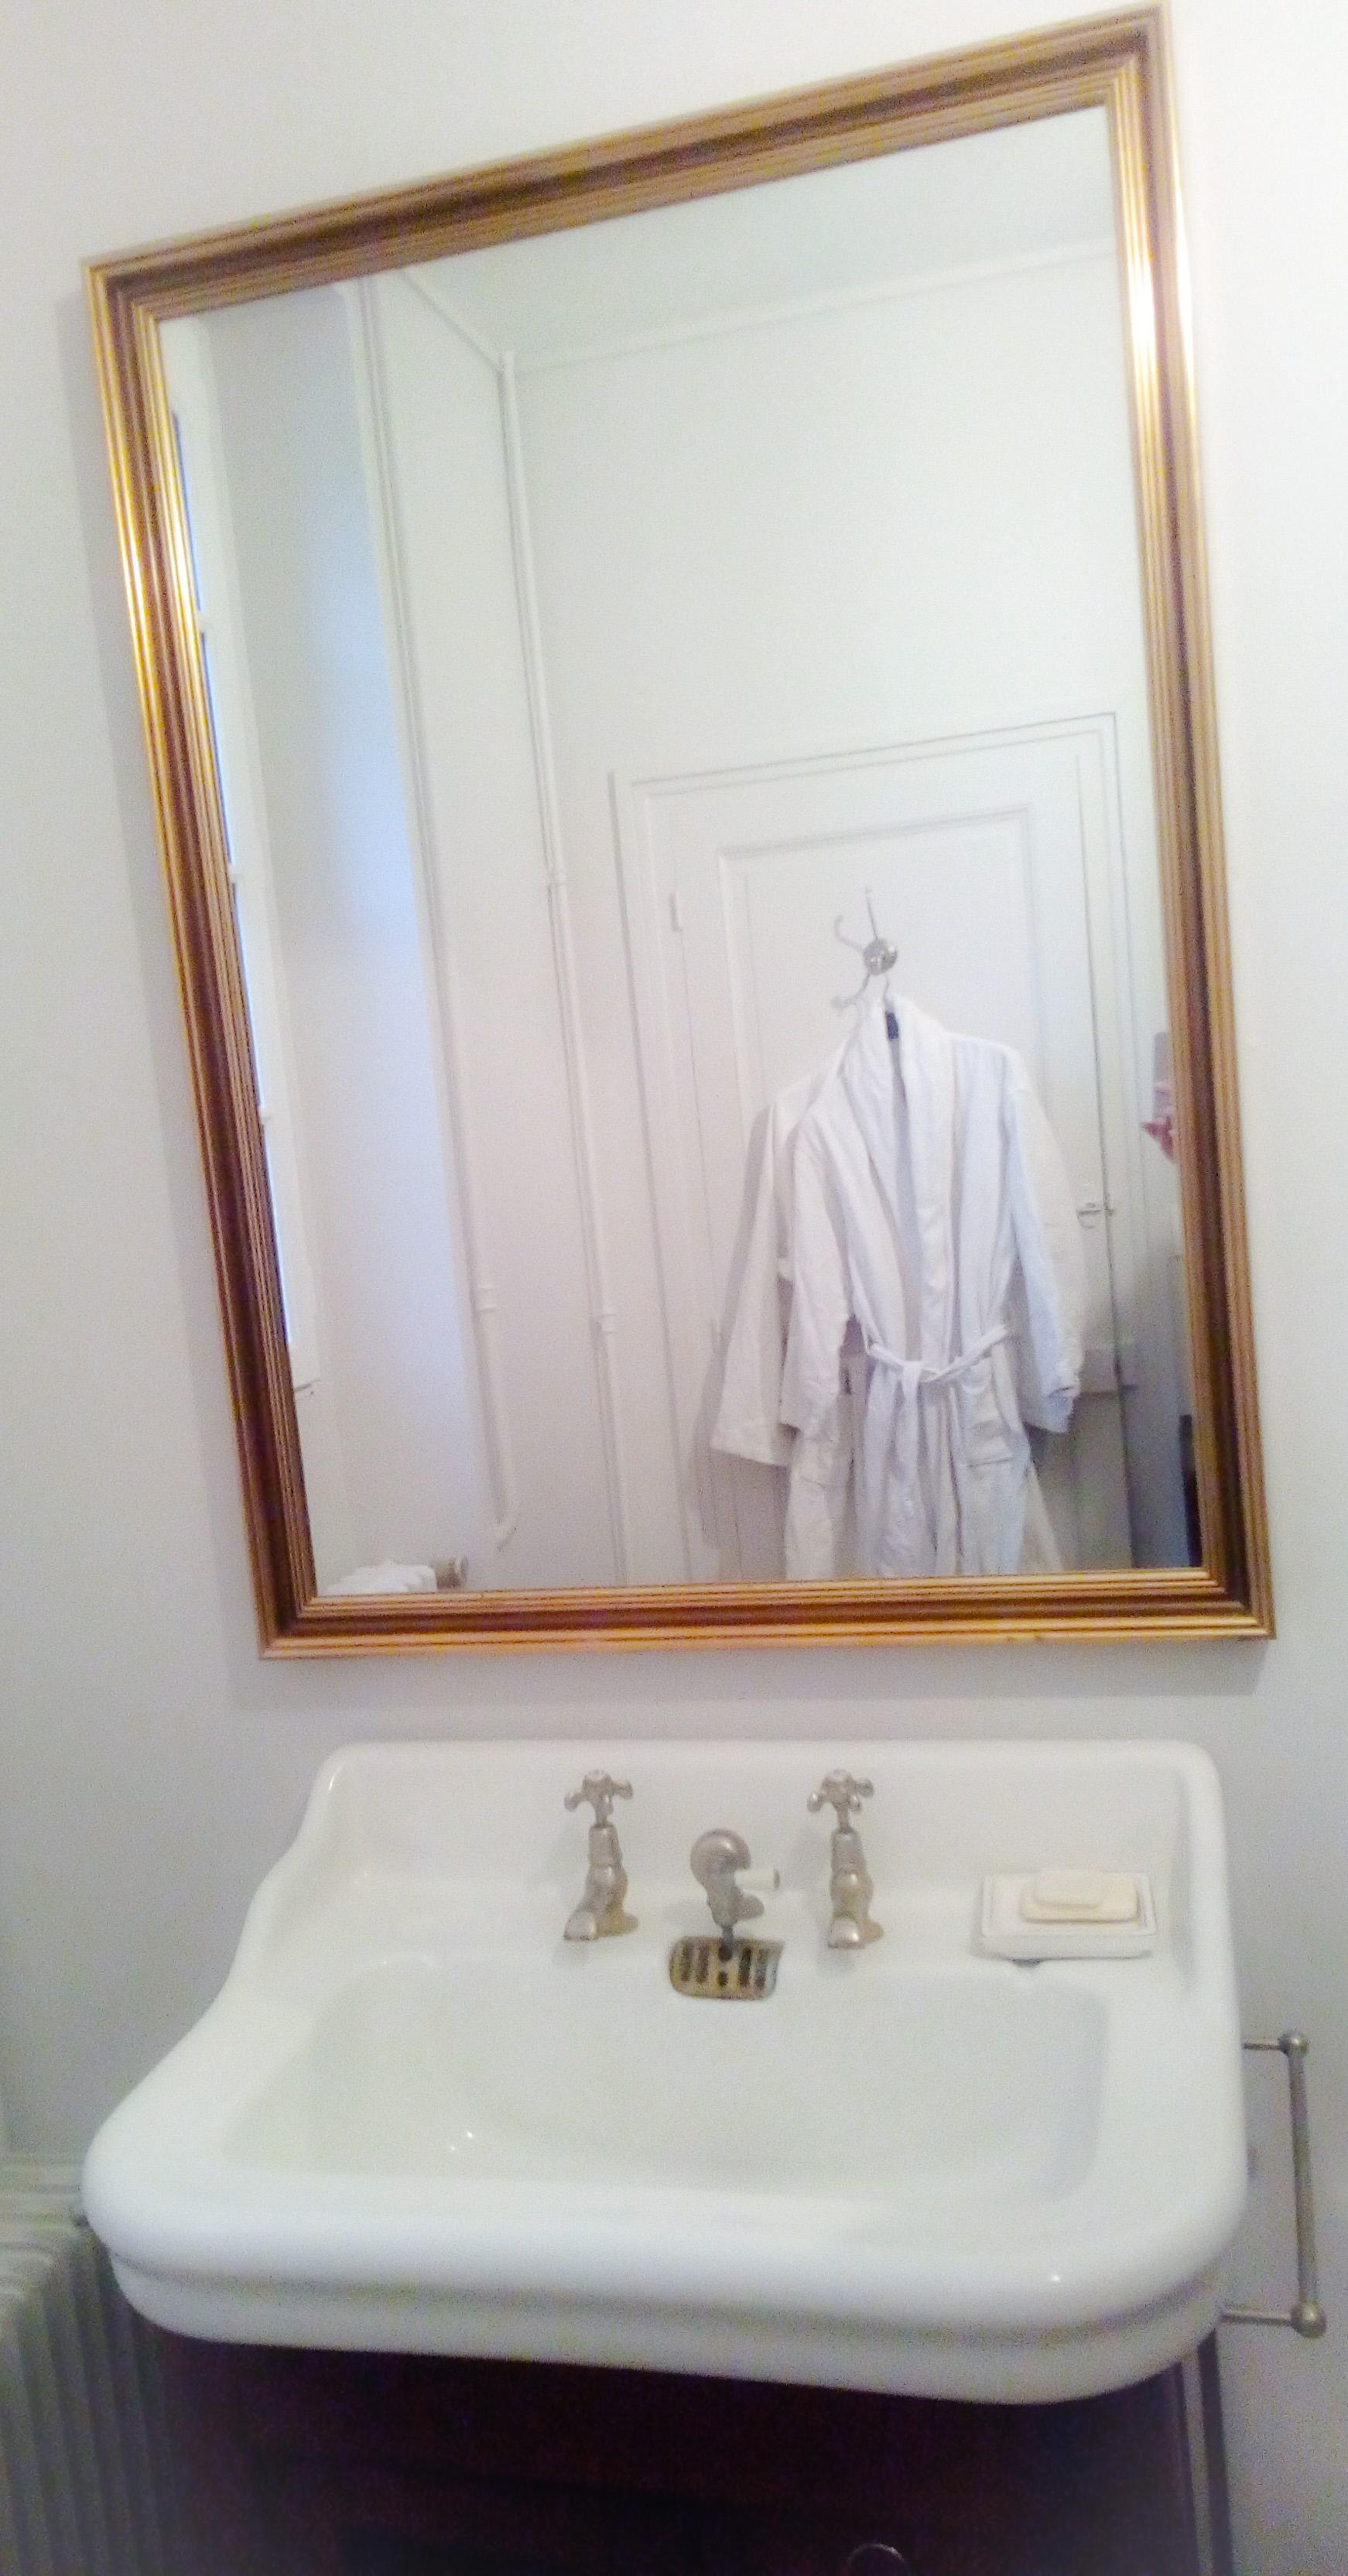 Image du miroir de la salle de bain au château de la Bourbelle